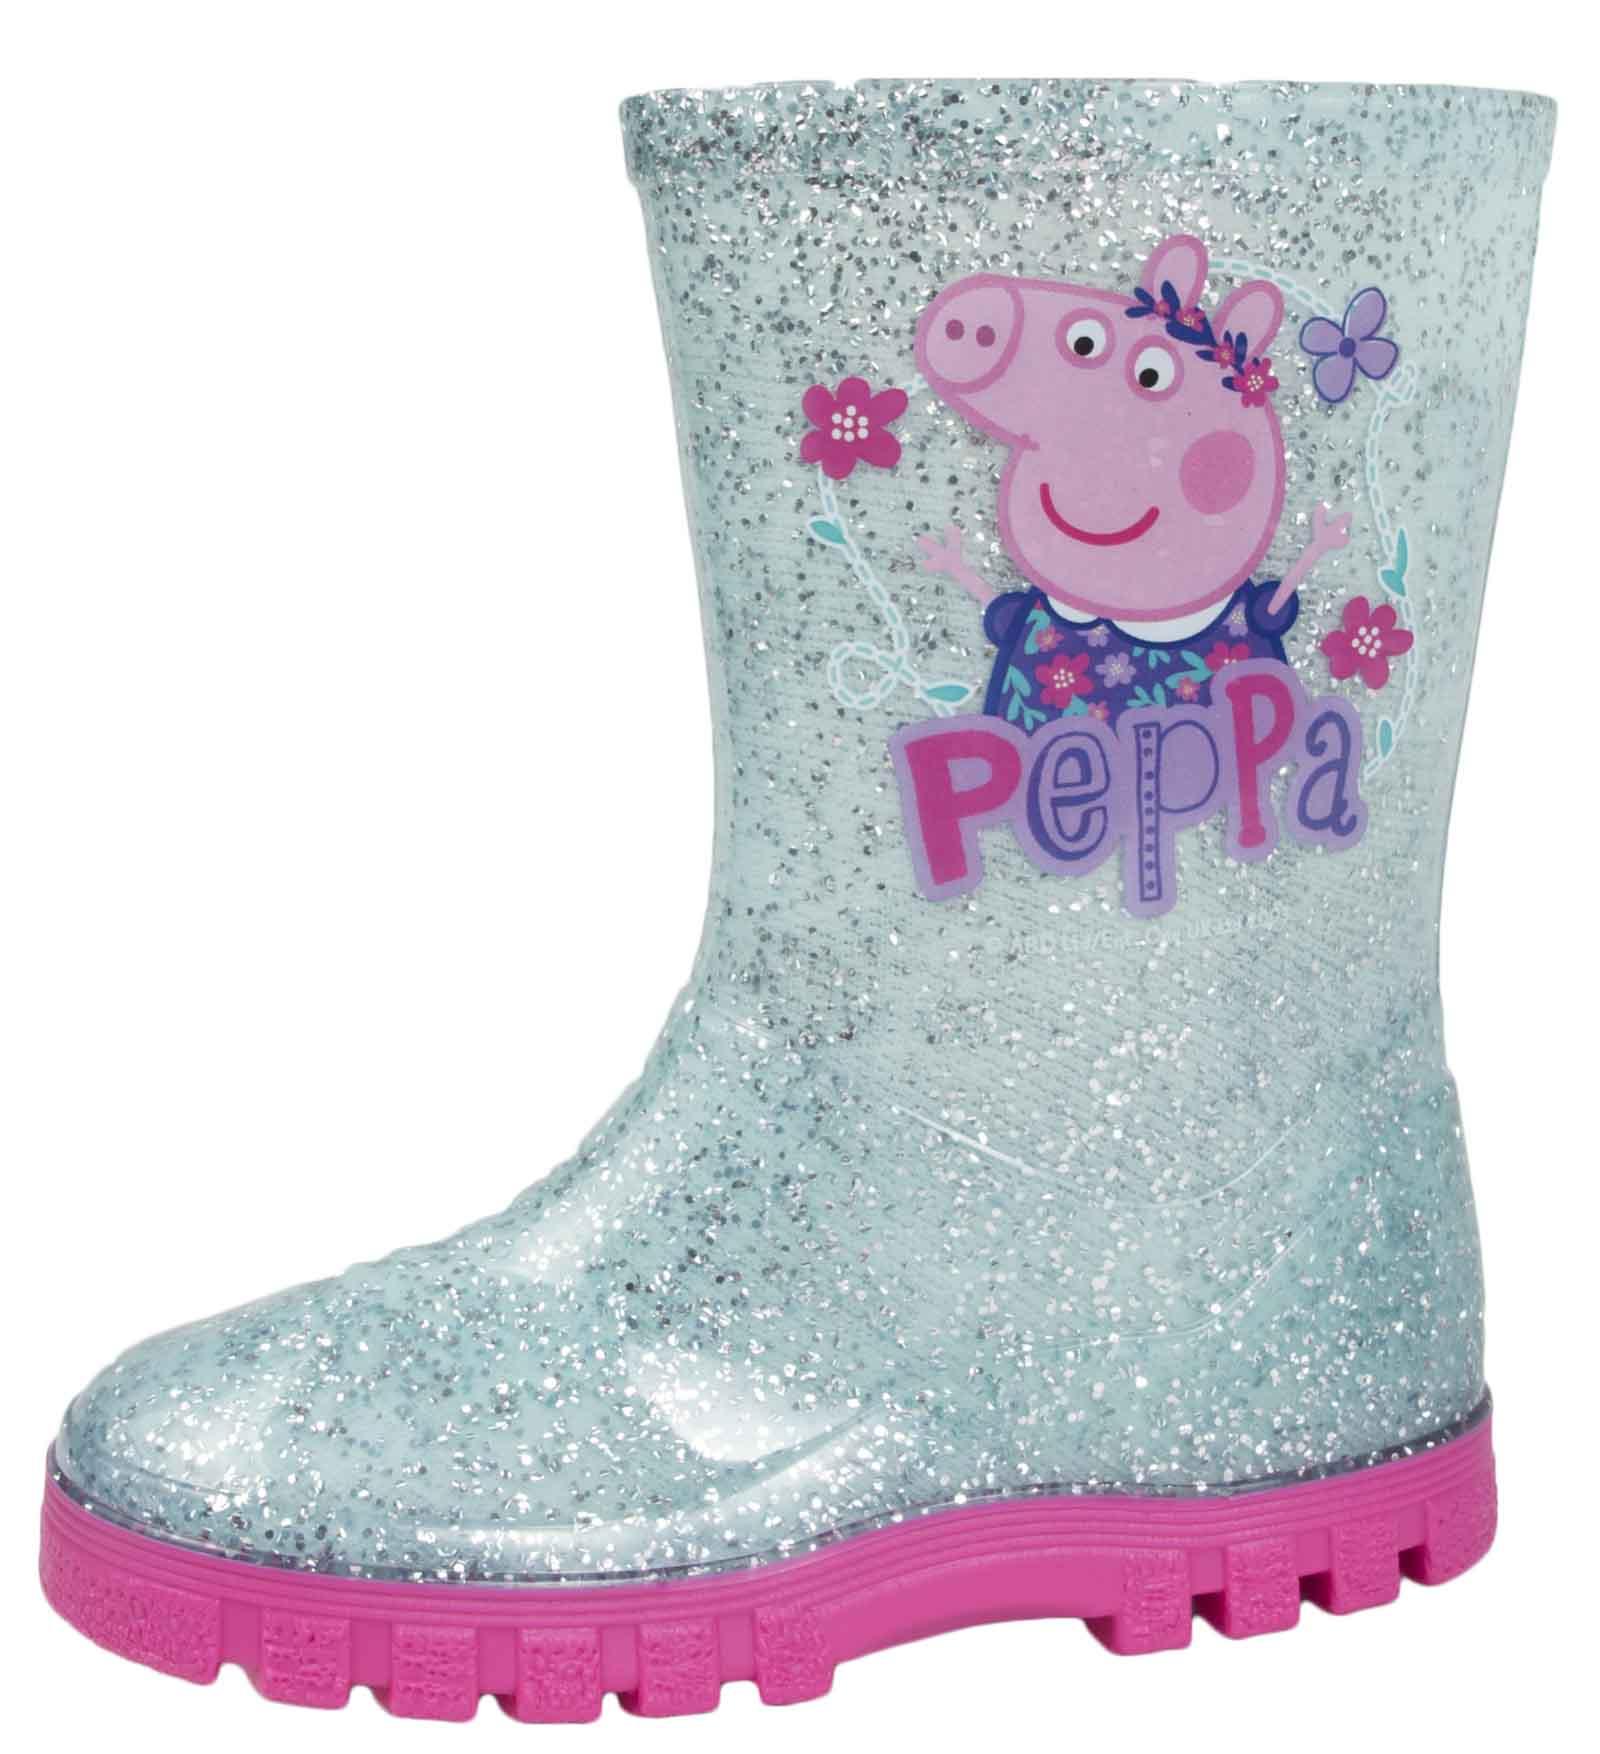 Girls-Peppa-Pig-Wellington-Boots-Mid-Calf-Gitter-Snow-Rain-Wellies-Kids-Size Indexbild 12